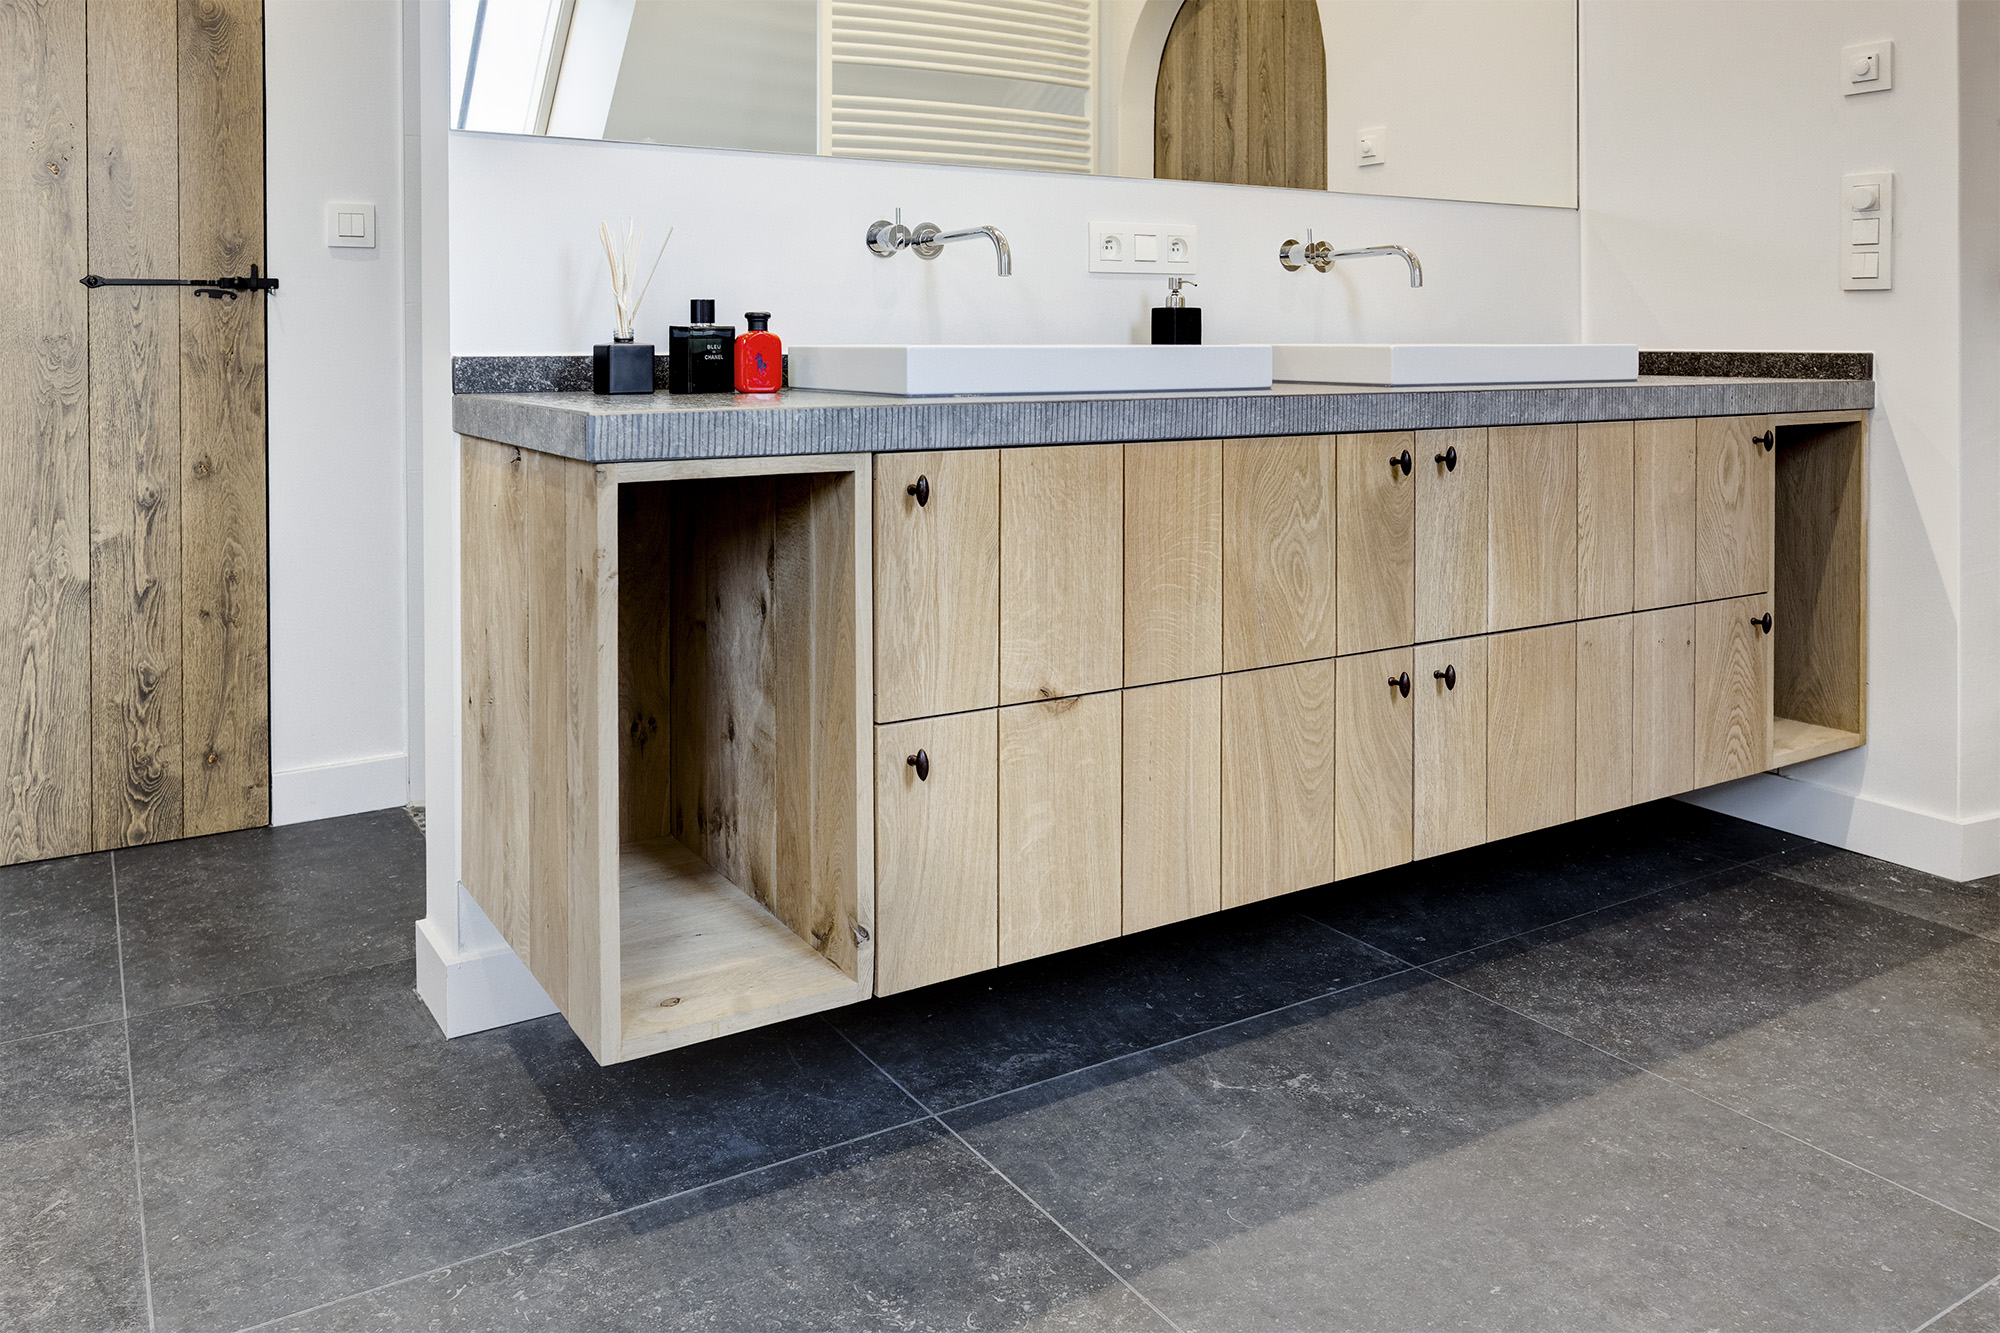 Van de bovenste plank 4213 moderne stoere meubels beeld beste voorbeelden afbeeldingen - Moderne badkamer meubels ...